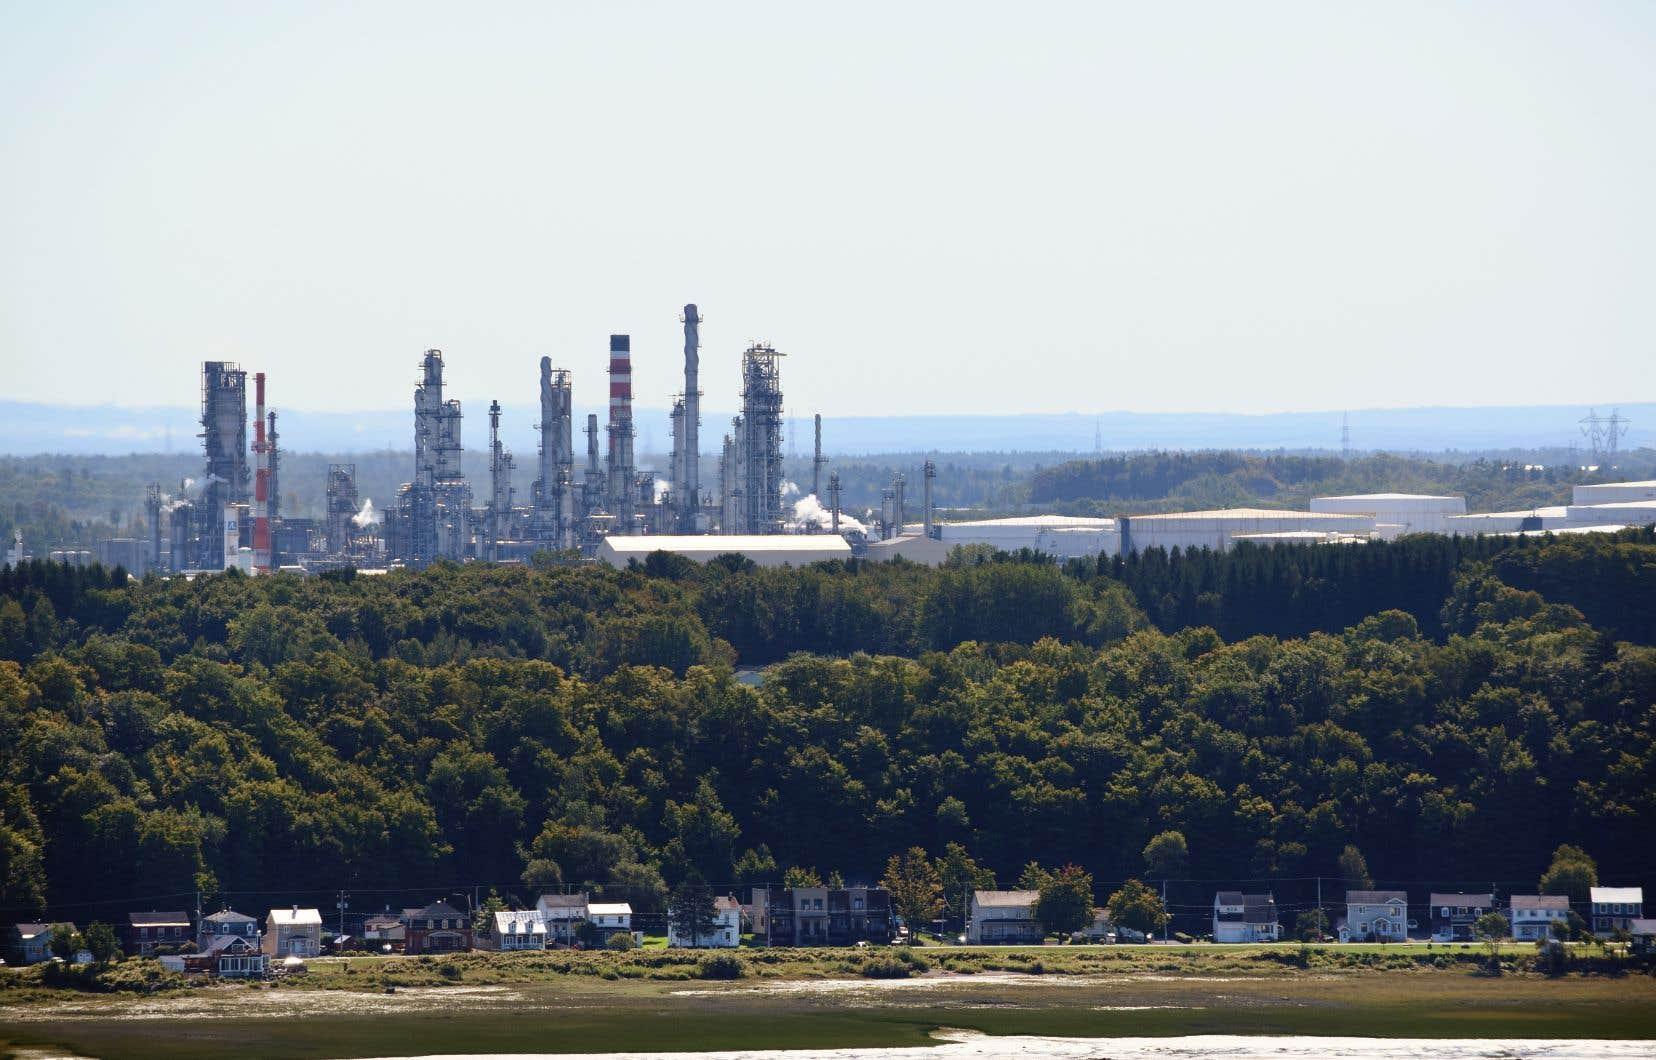 La motion conservatrice avançait en outre que «remplacer le pétrole et le gaz par des options plus écologiques n'est pas faisable sur le plan technologique ou économique».